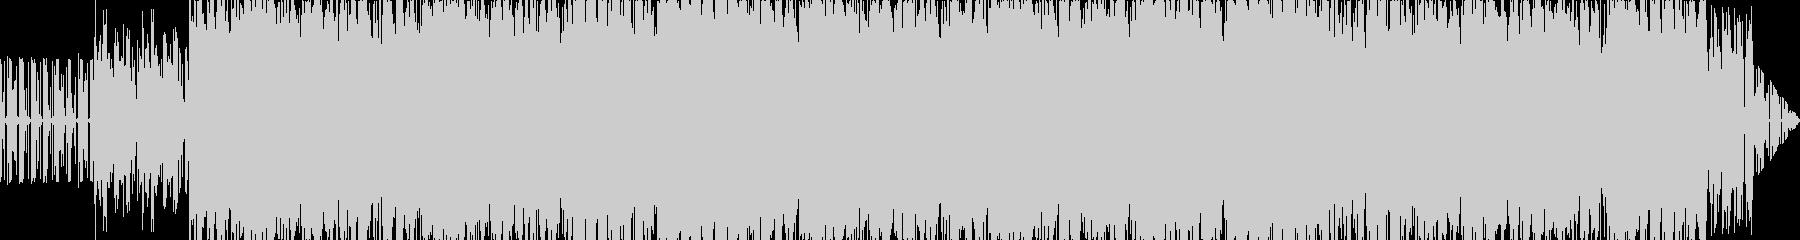 重厚な雰囲気のBGMの未再生の波形